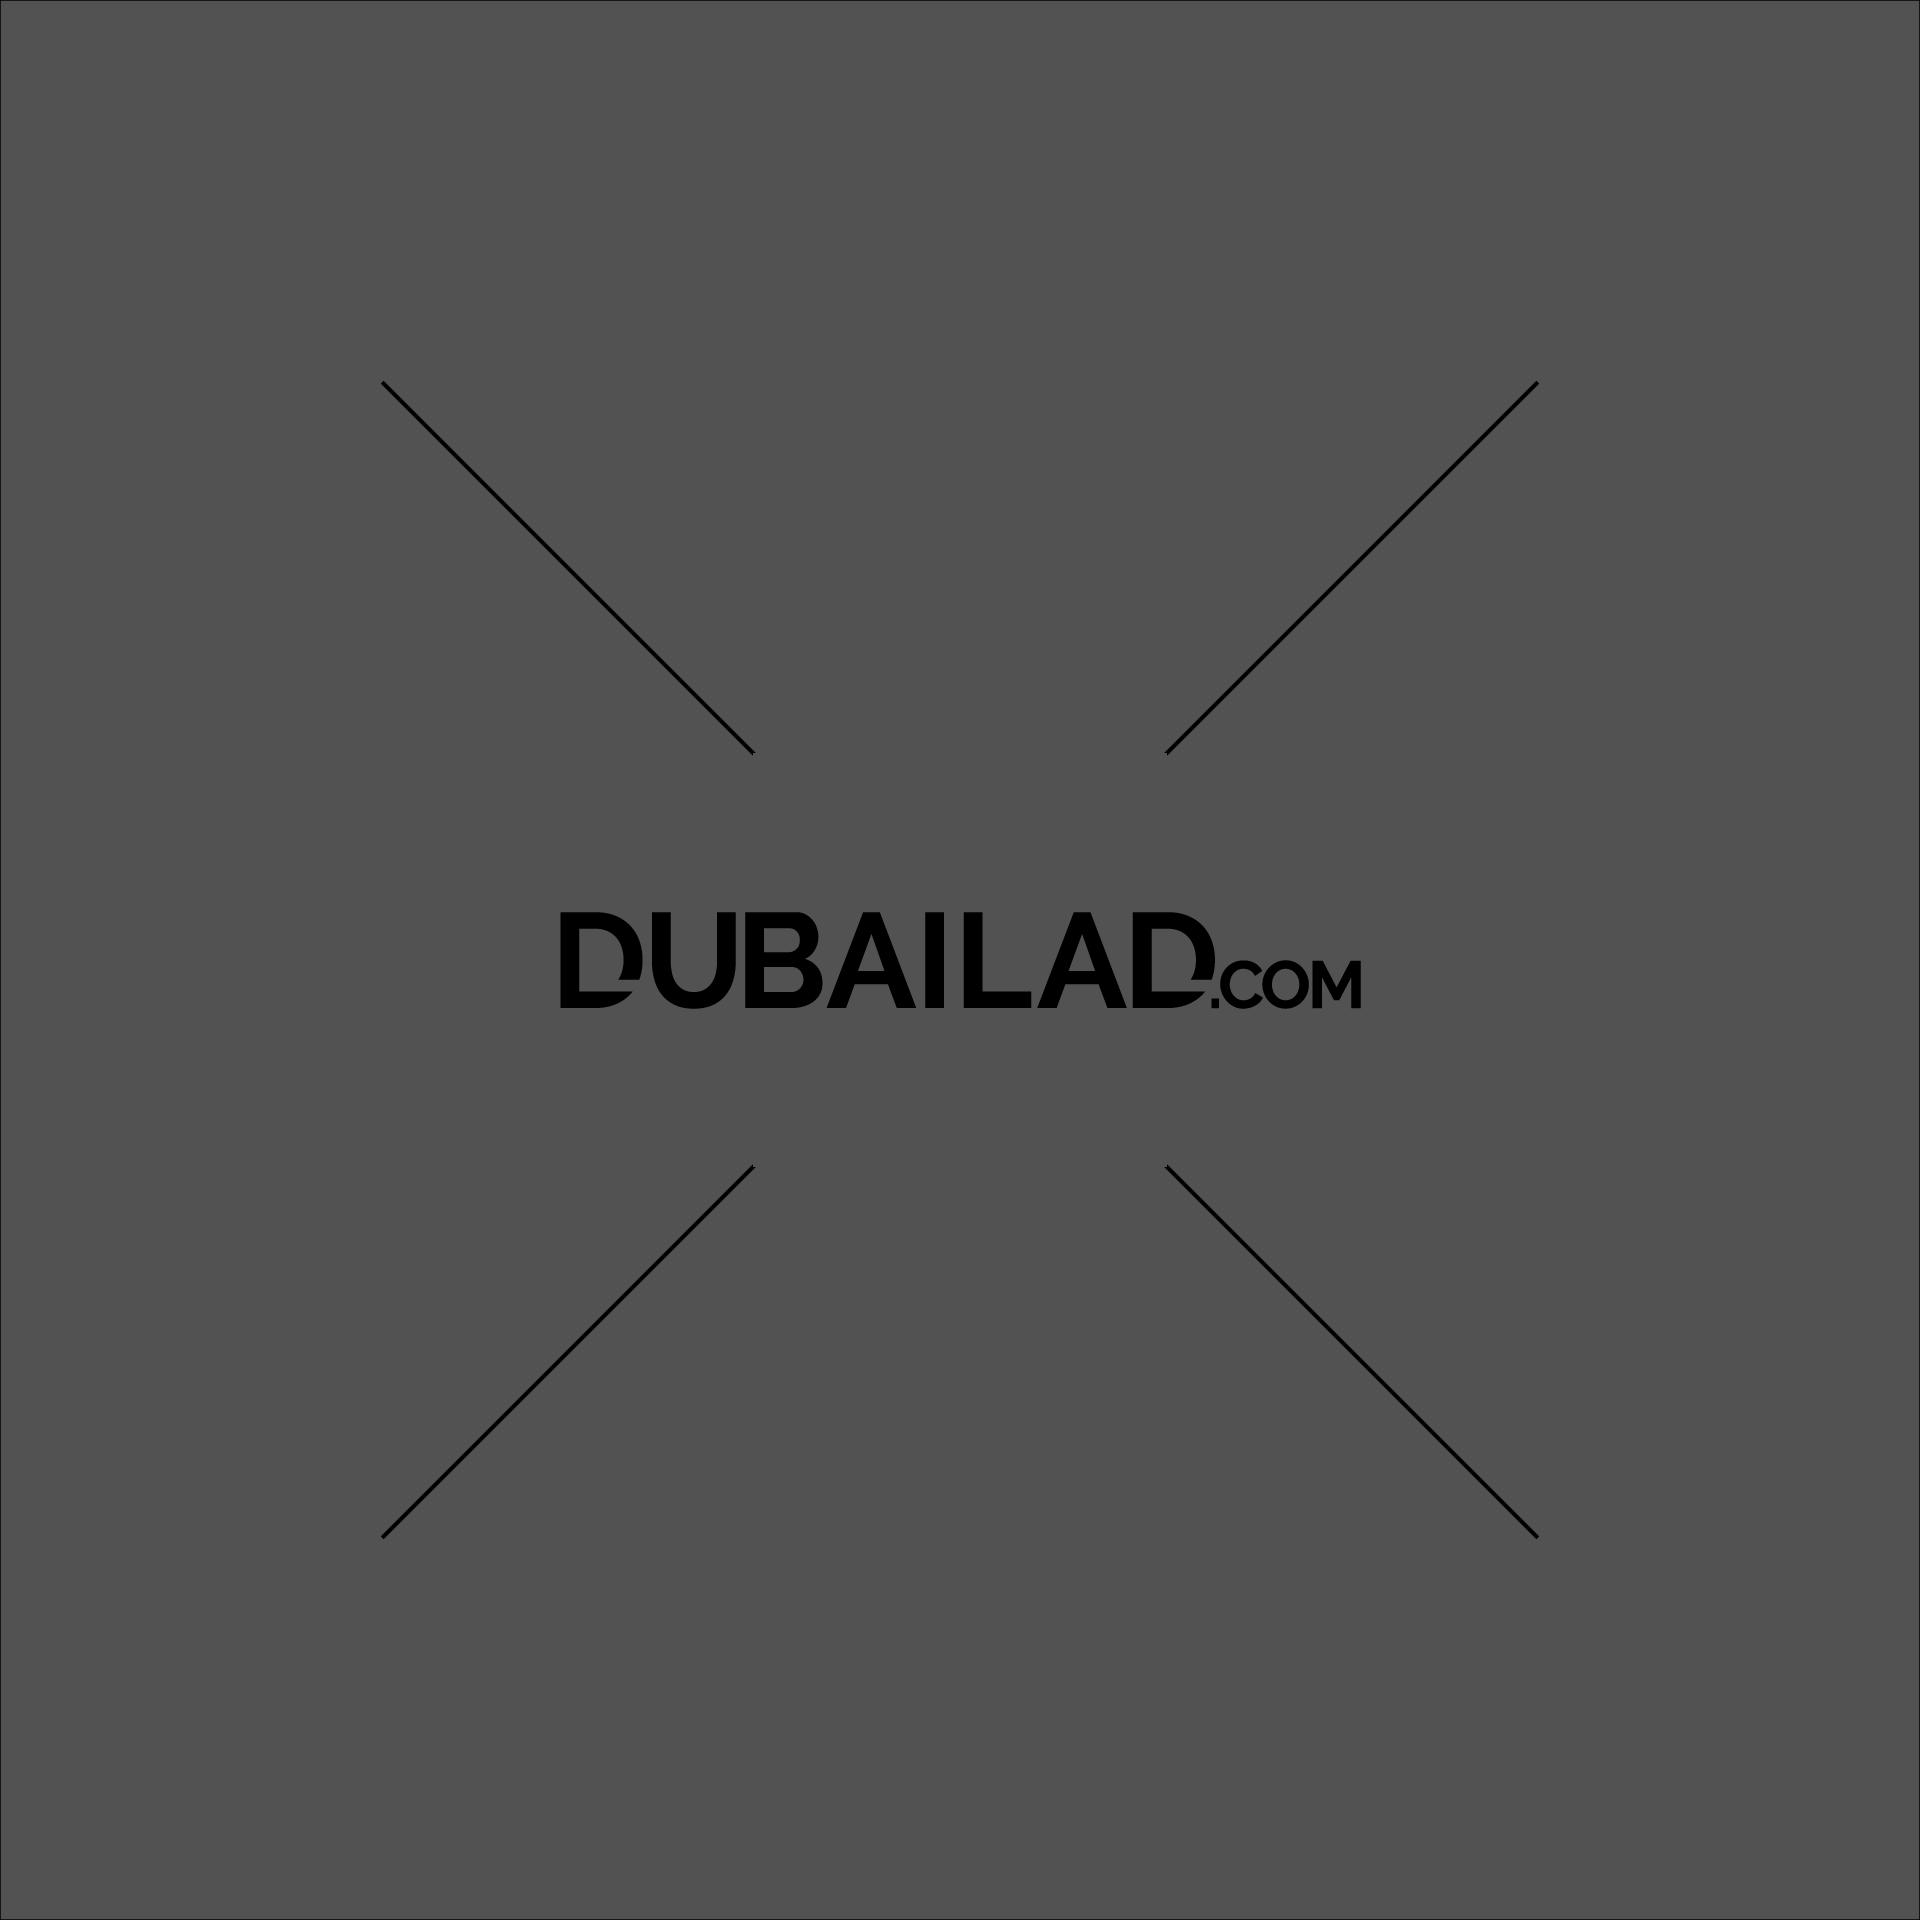 Dubai Lad